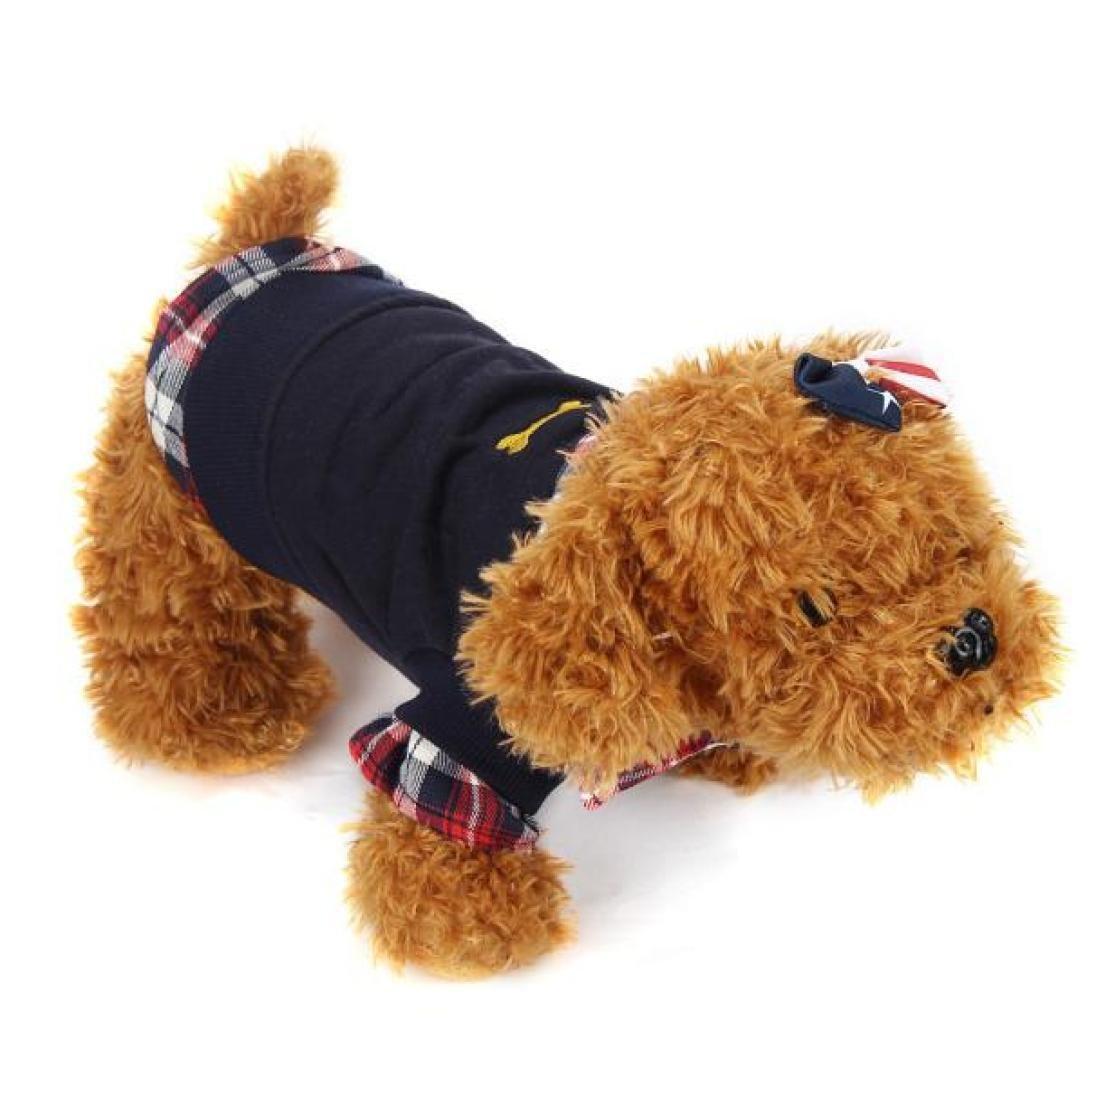 Ropa de Mascotas Amlaiworld Sudaderas Su/éter Camisas de Mascotas Gatos Perros 2018 Abrigo Punto Ropa Chaleco Chaqueta para Mascotas